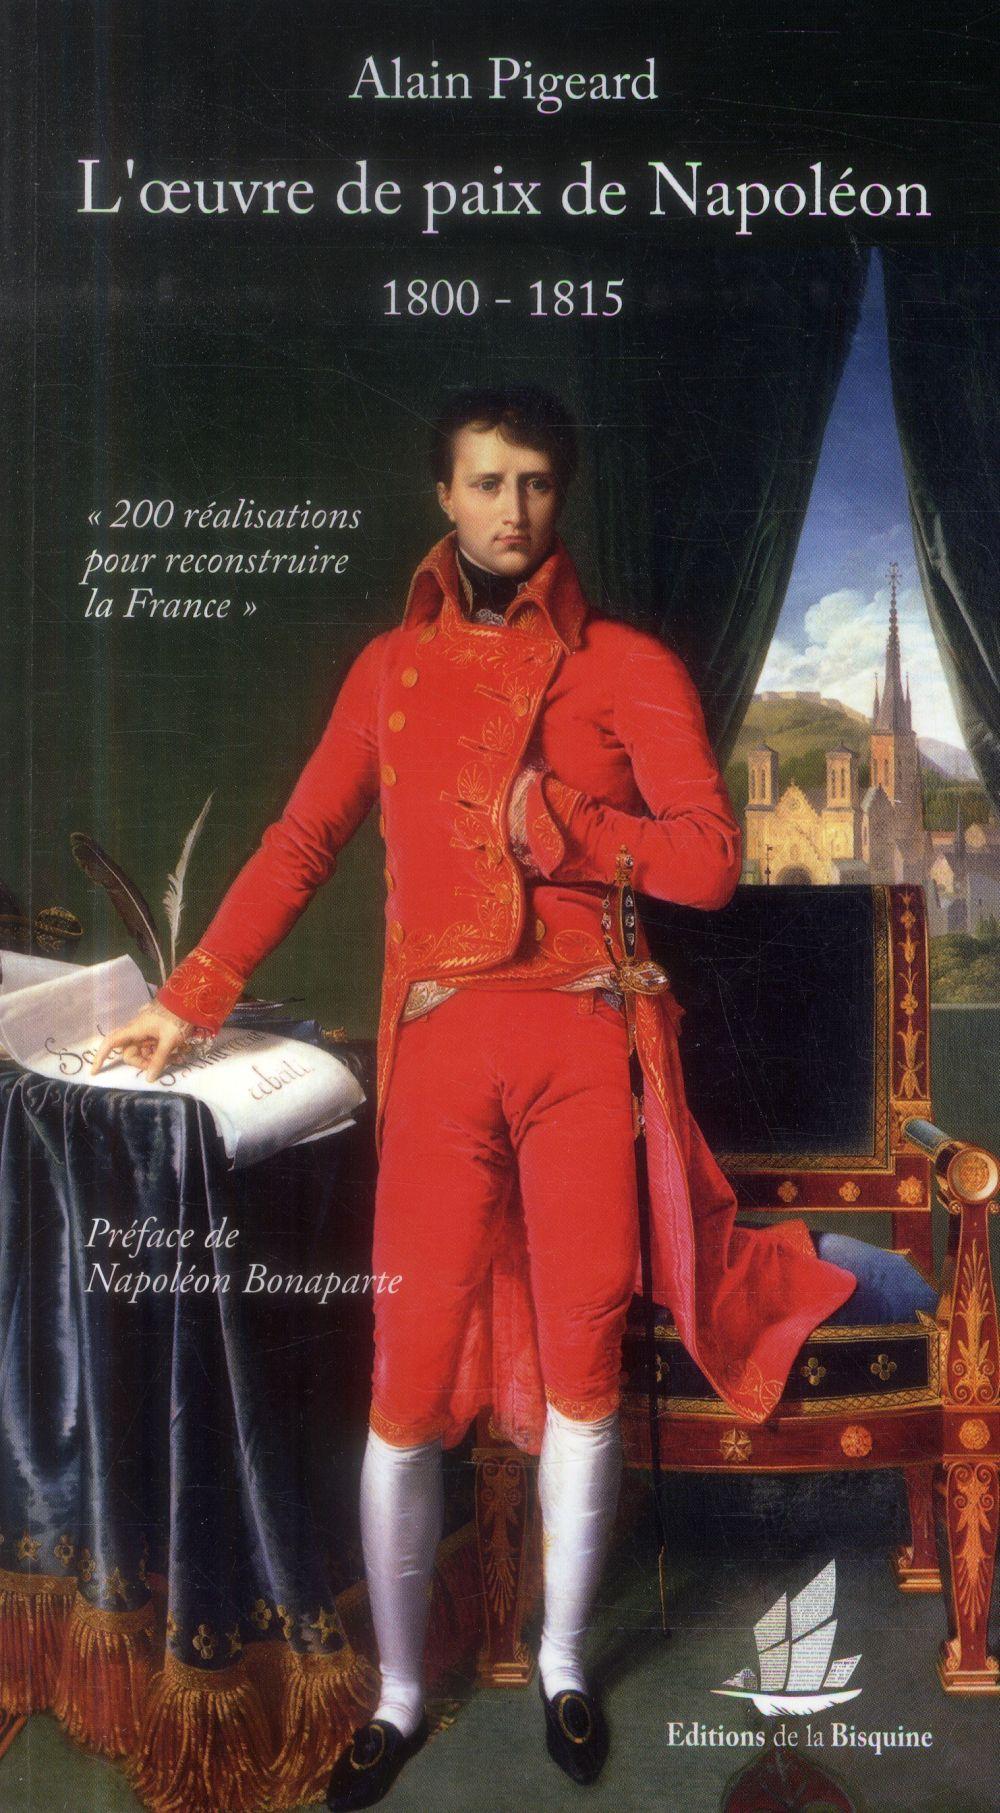 L'oeuvre de paix de Napoléon ; 1800-1815